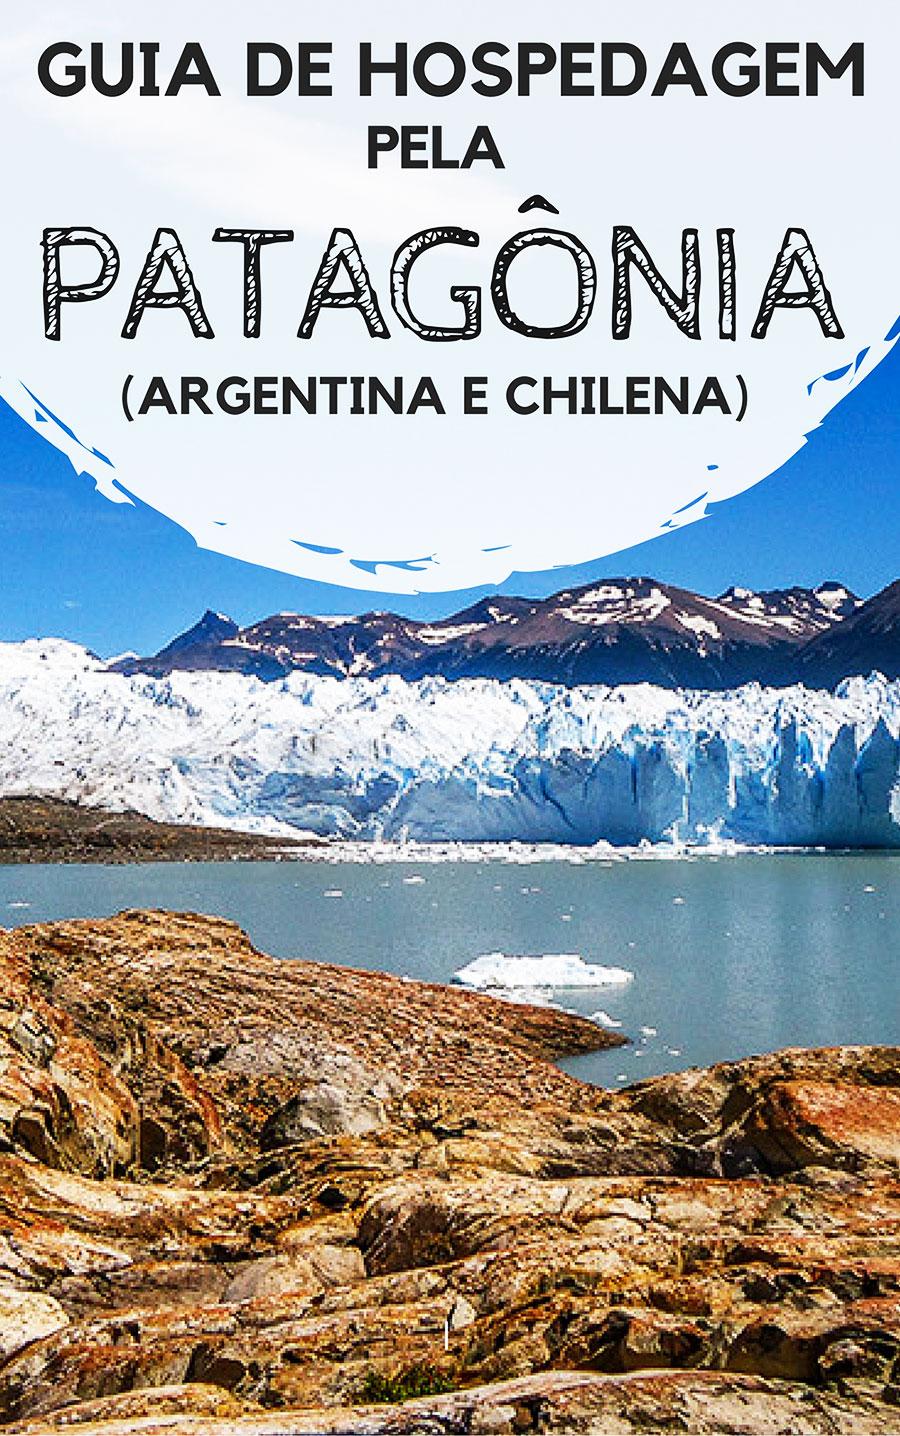 Onde ficar na Patagônia argentina e chilena: Guia de hospedagem pelos principais destinos turísticos desta região. Descubra onde se hospedar em Ushuaia, El Calafate, El Chaltén, Punta Arenas e Puerti Natales